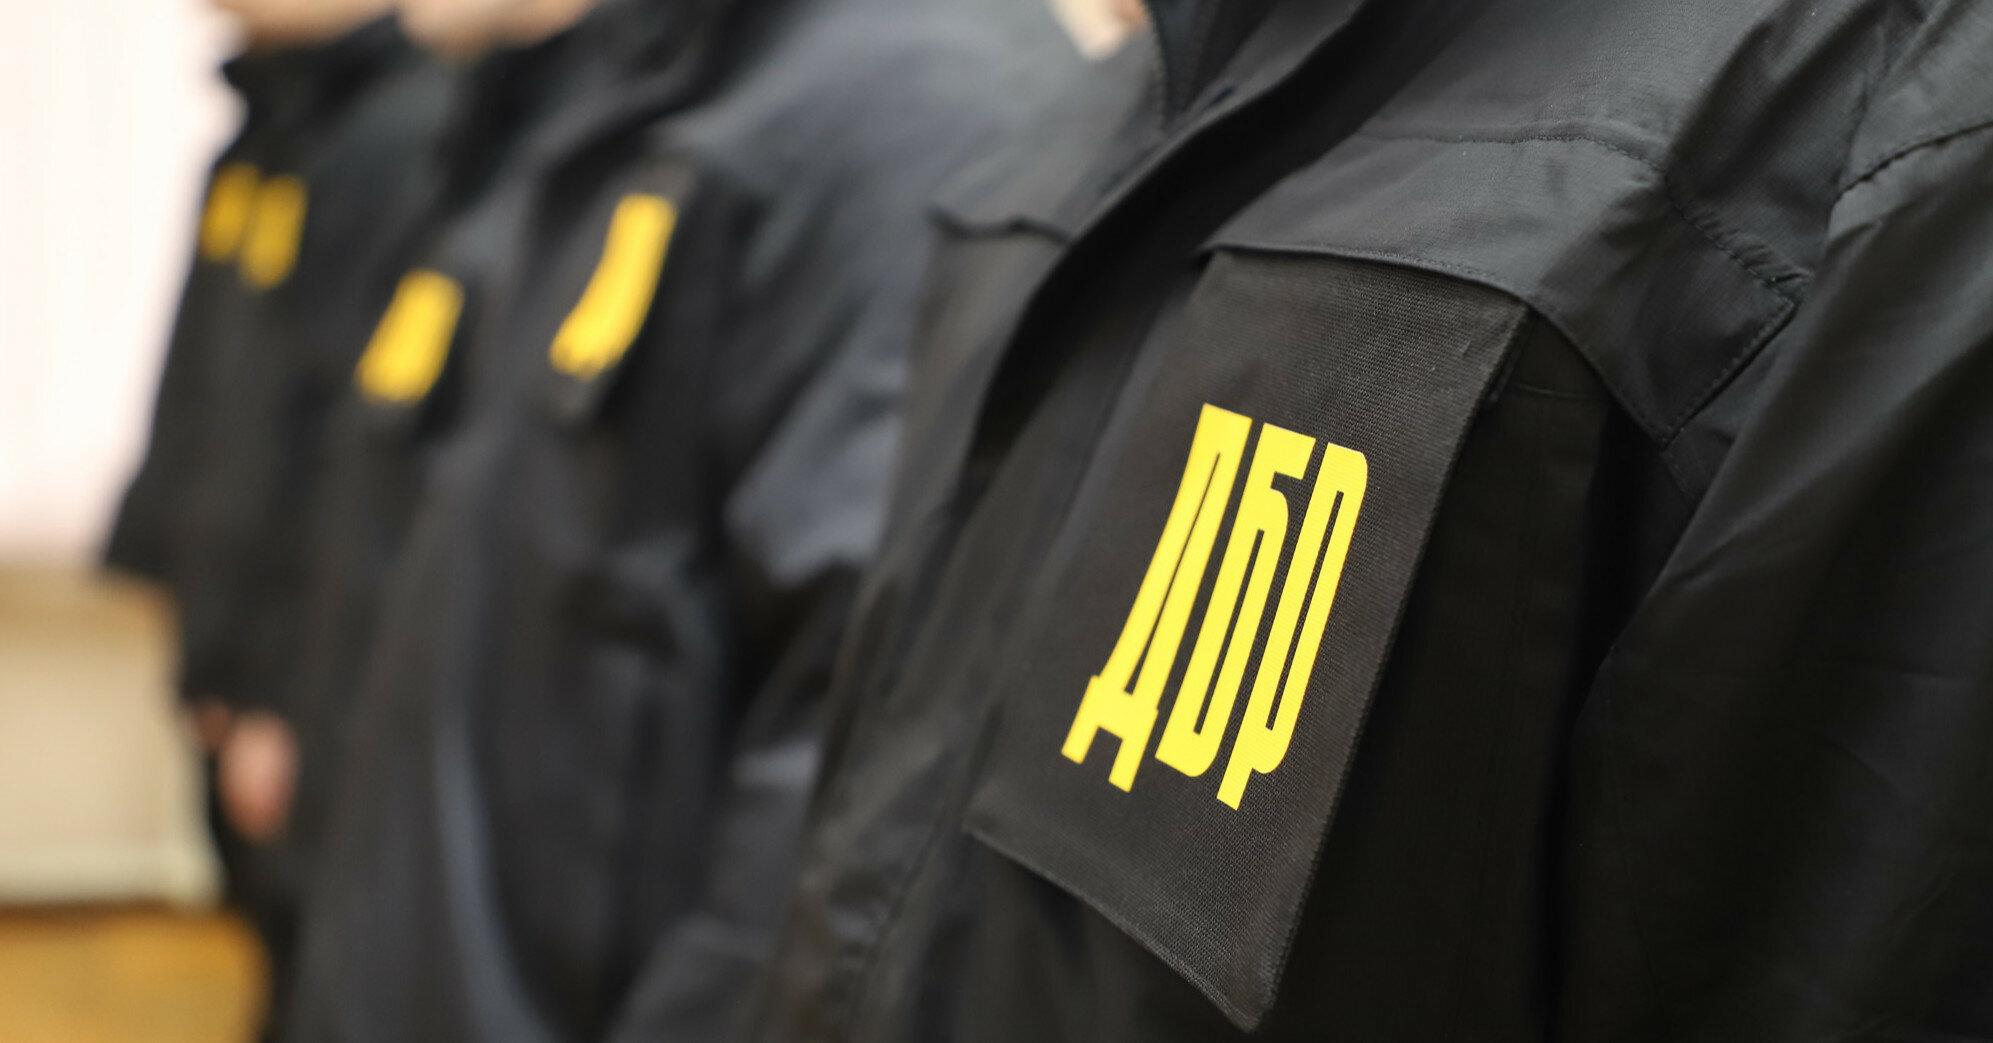 Замглавы Черниговской ОГА задержали по подозрению в мошенничестве